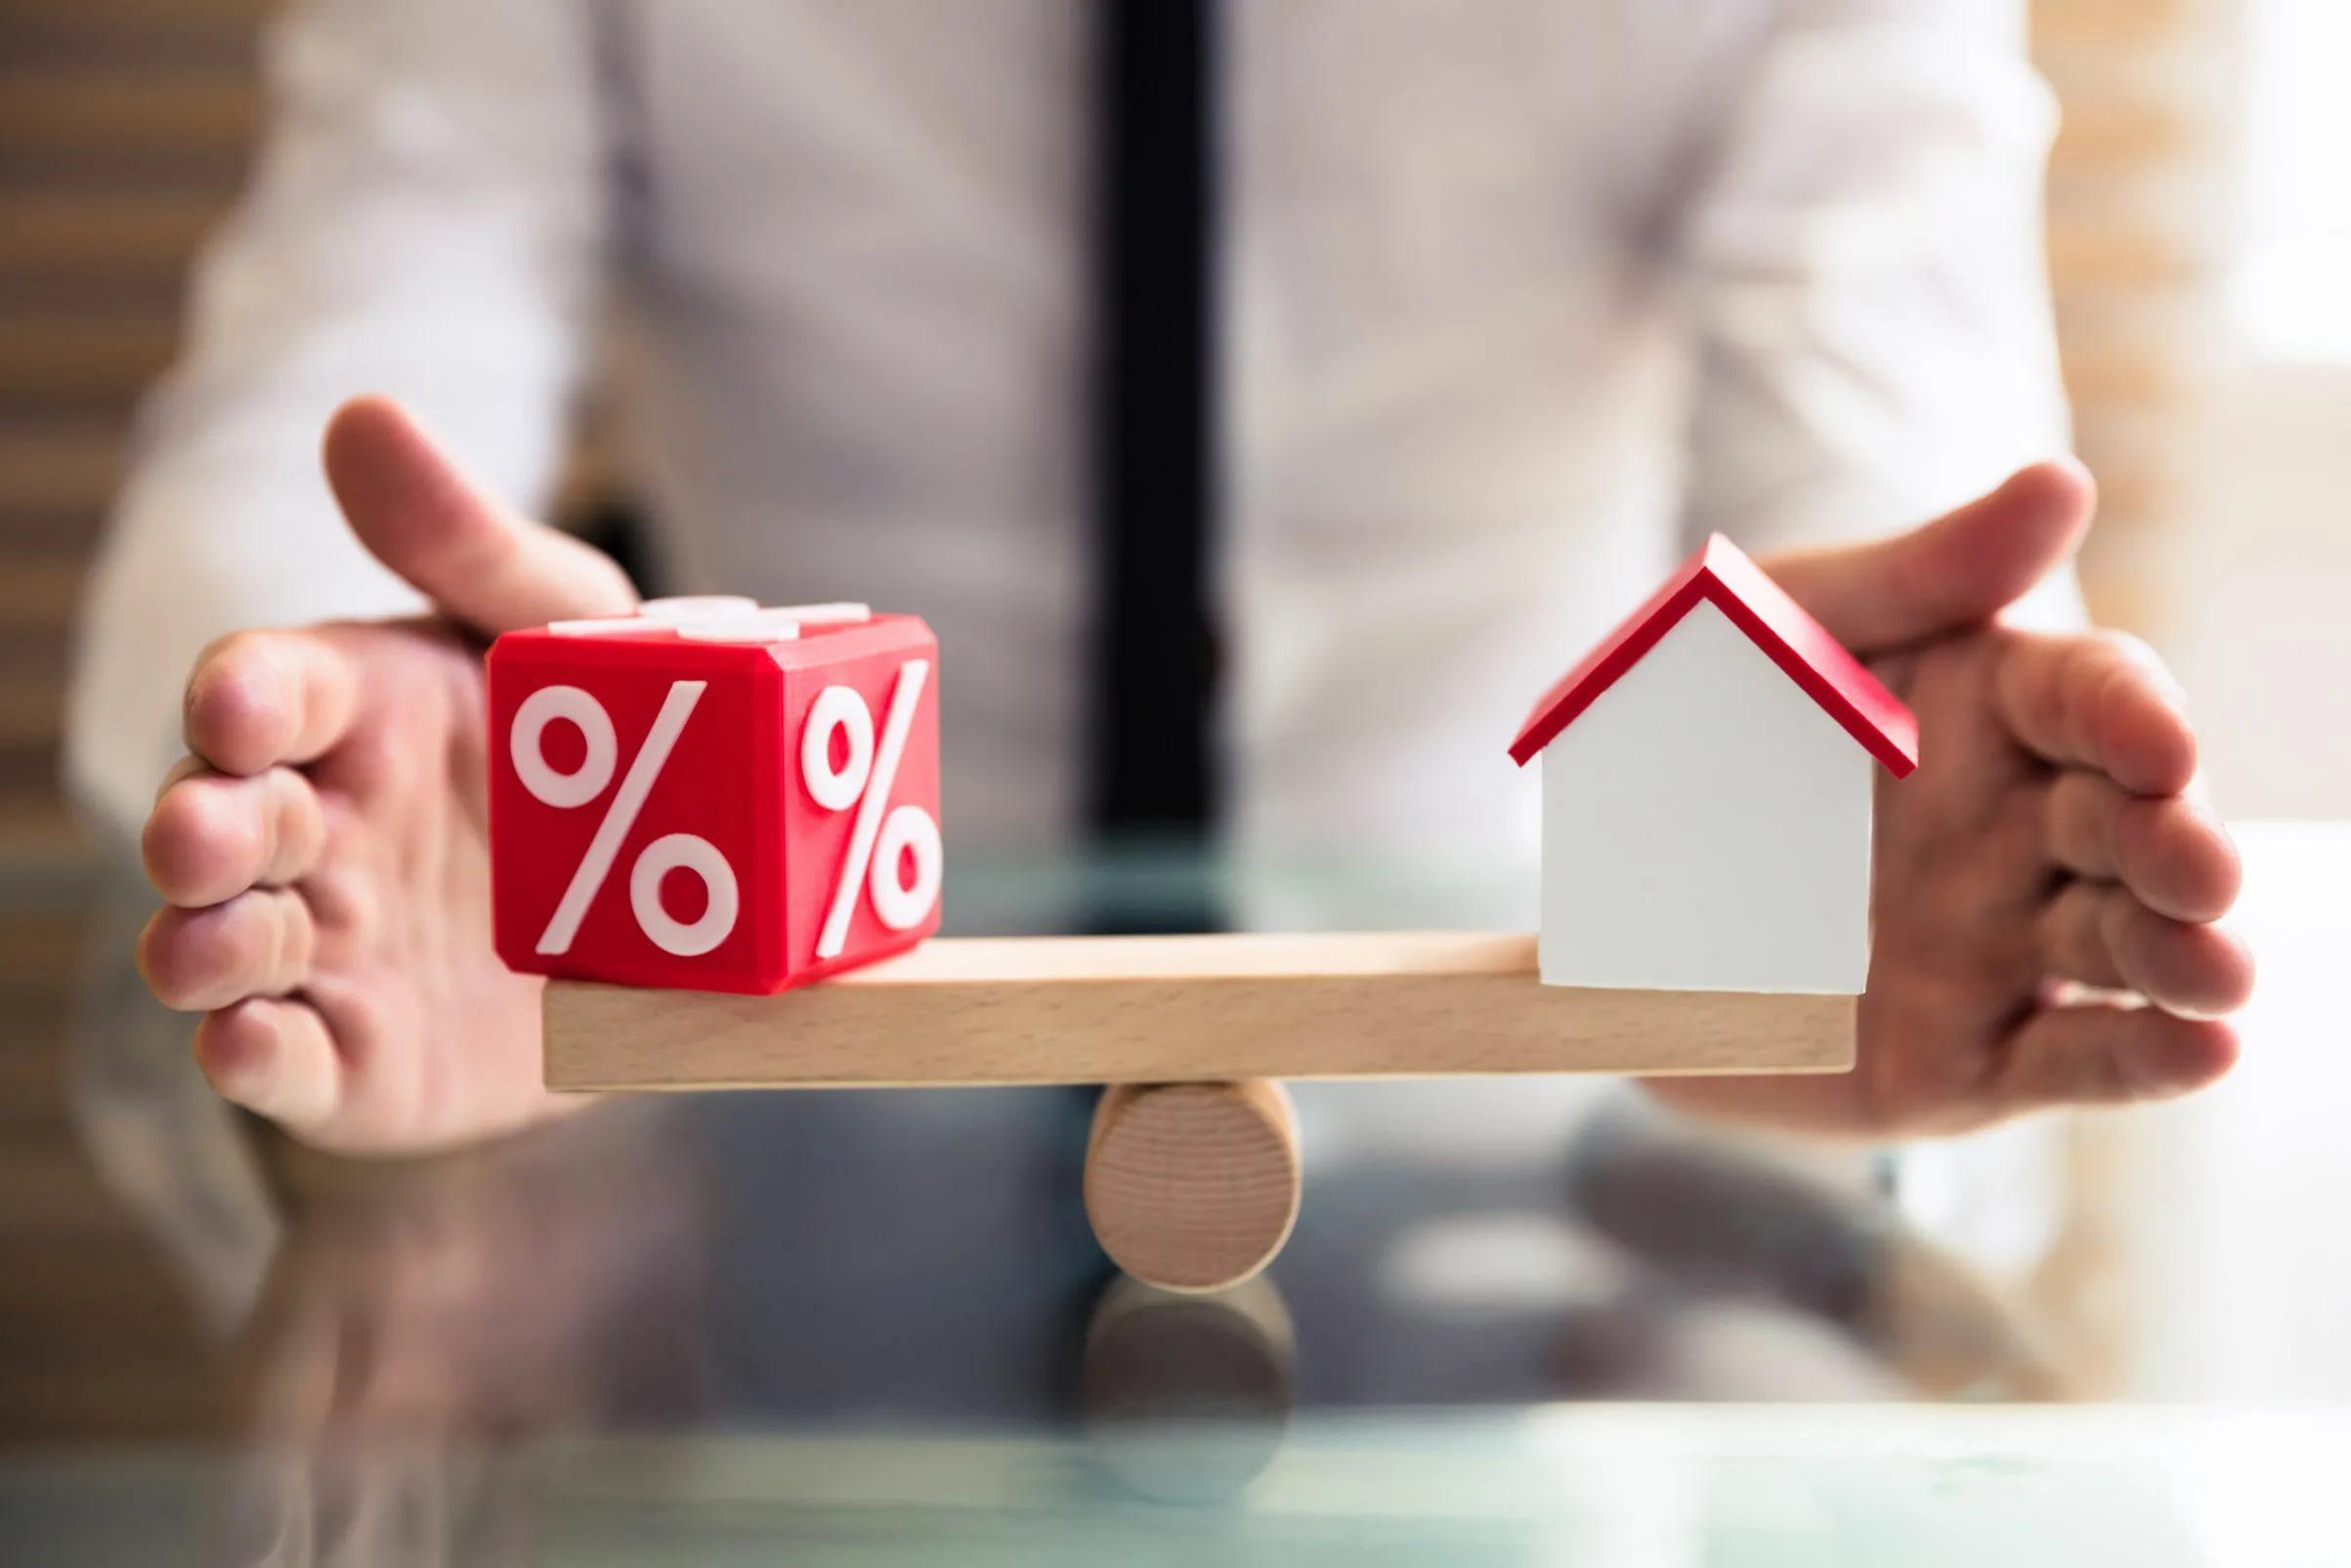 Подопечным Клуба добряков помогут рефинансировать ипотеку бесплатно